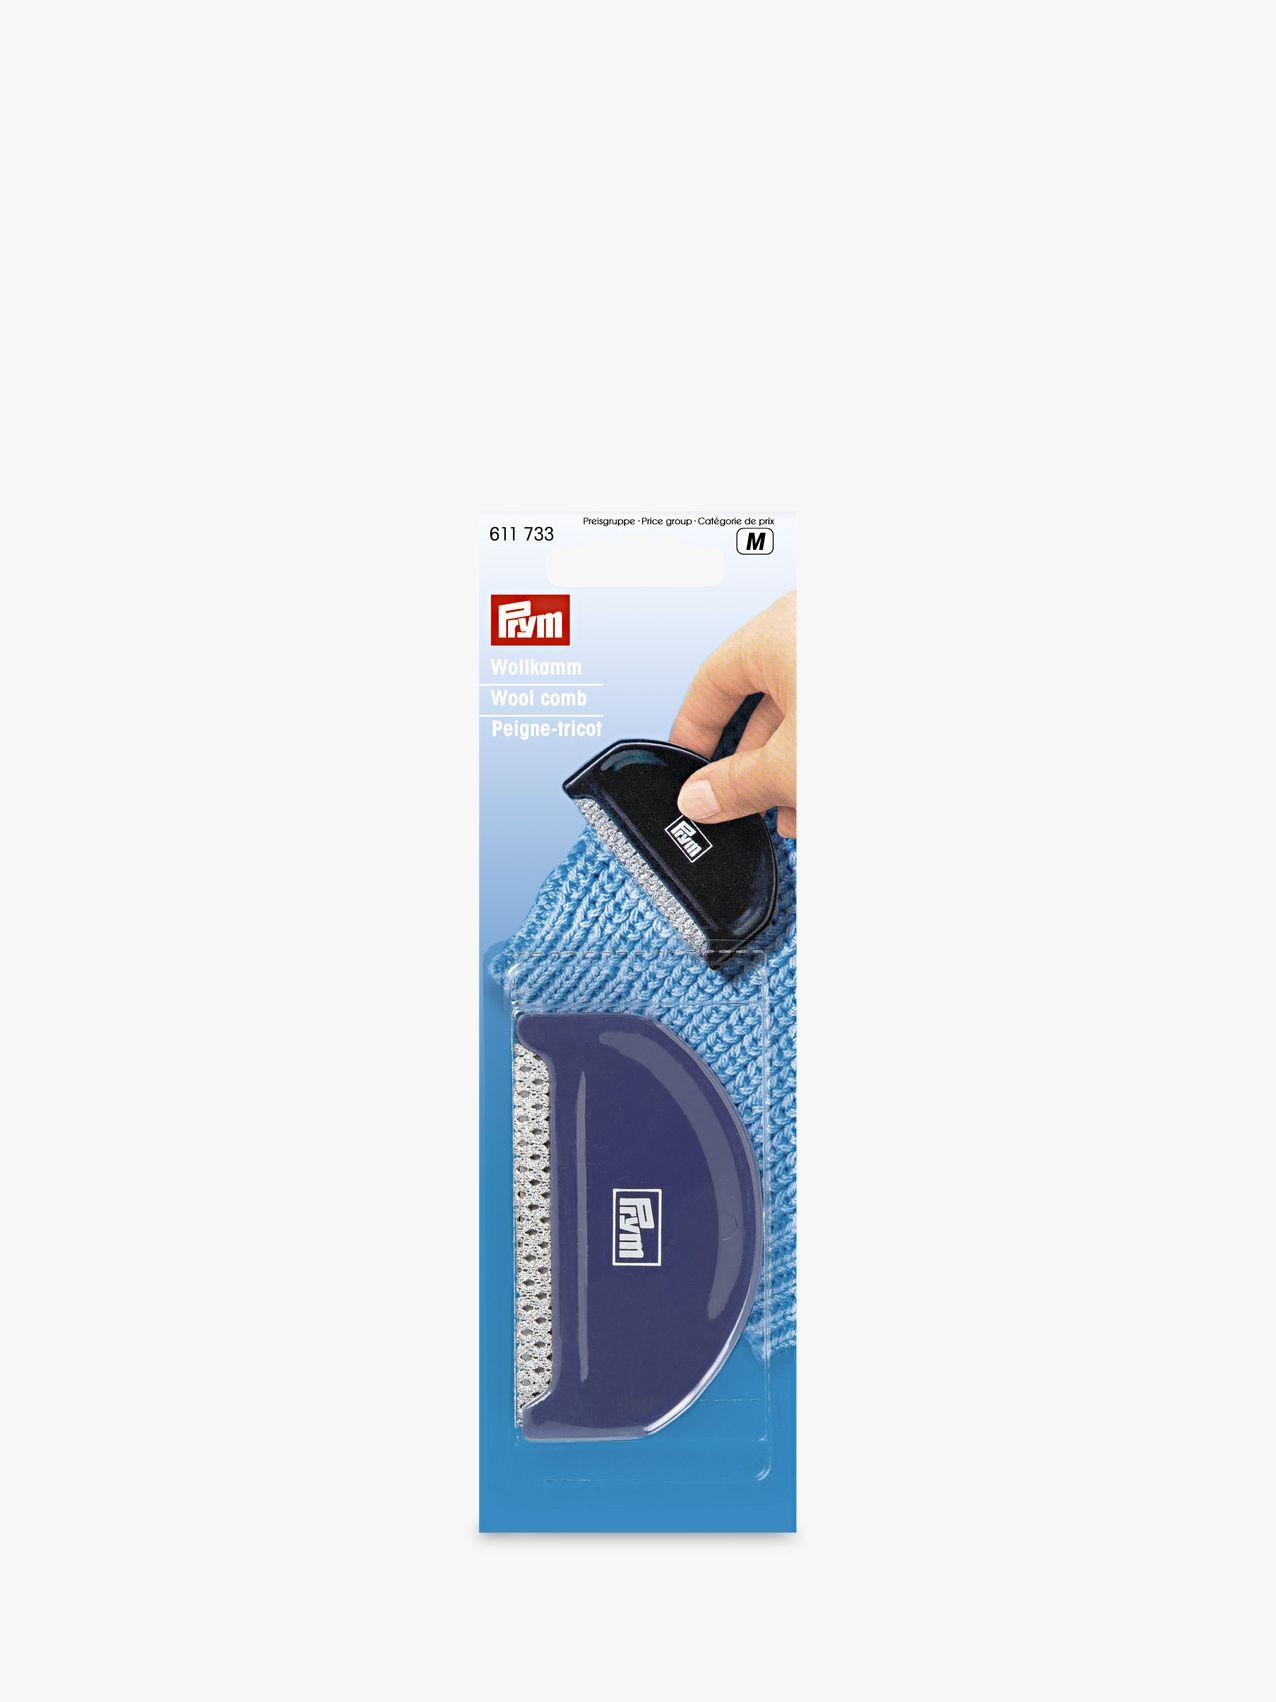 Prym Prym Wool Comb